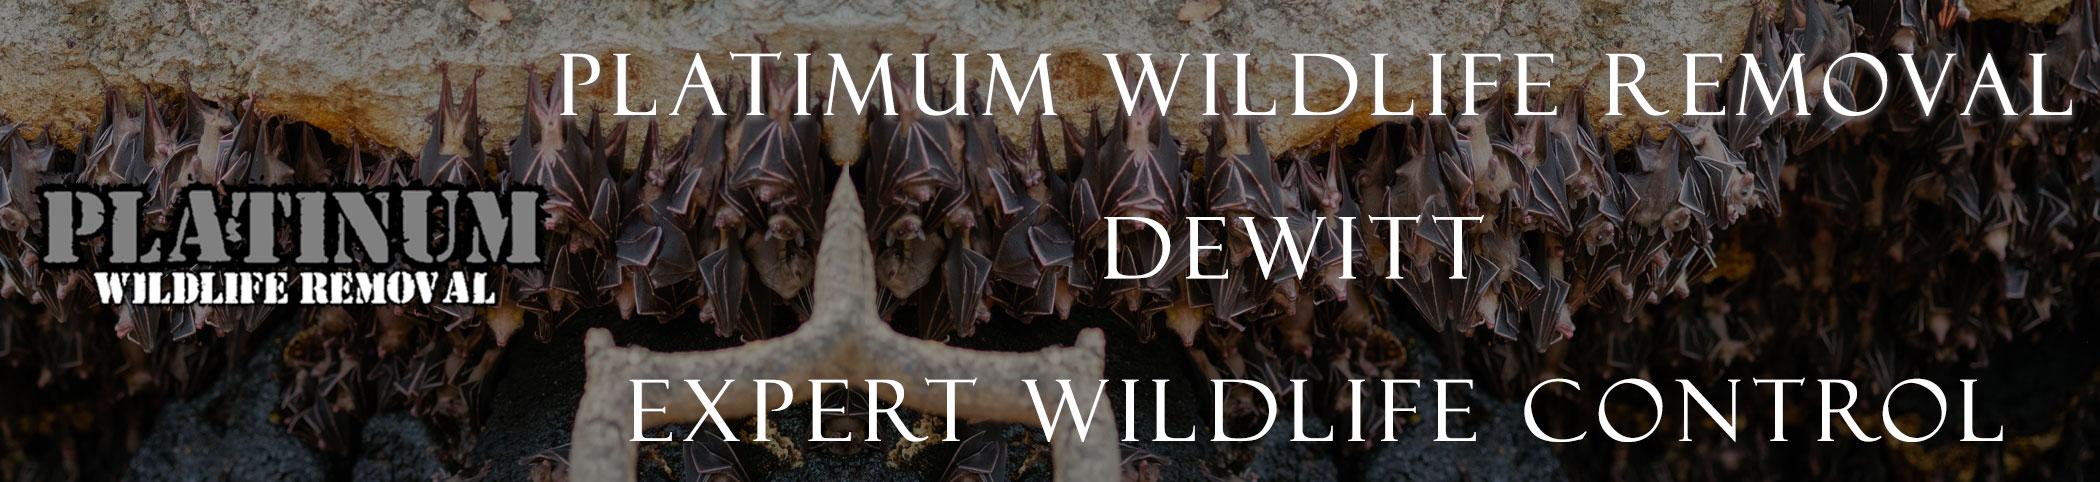 Dewitt mich header image at bat removal pro